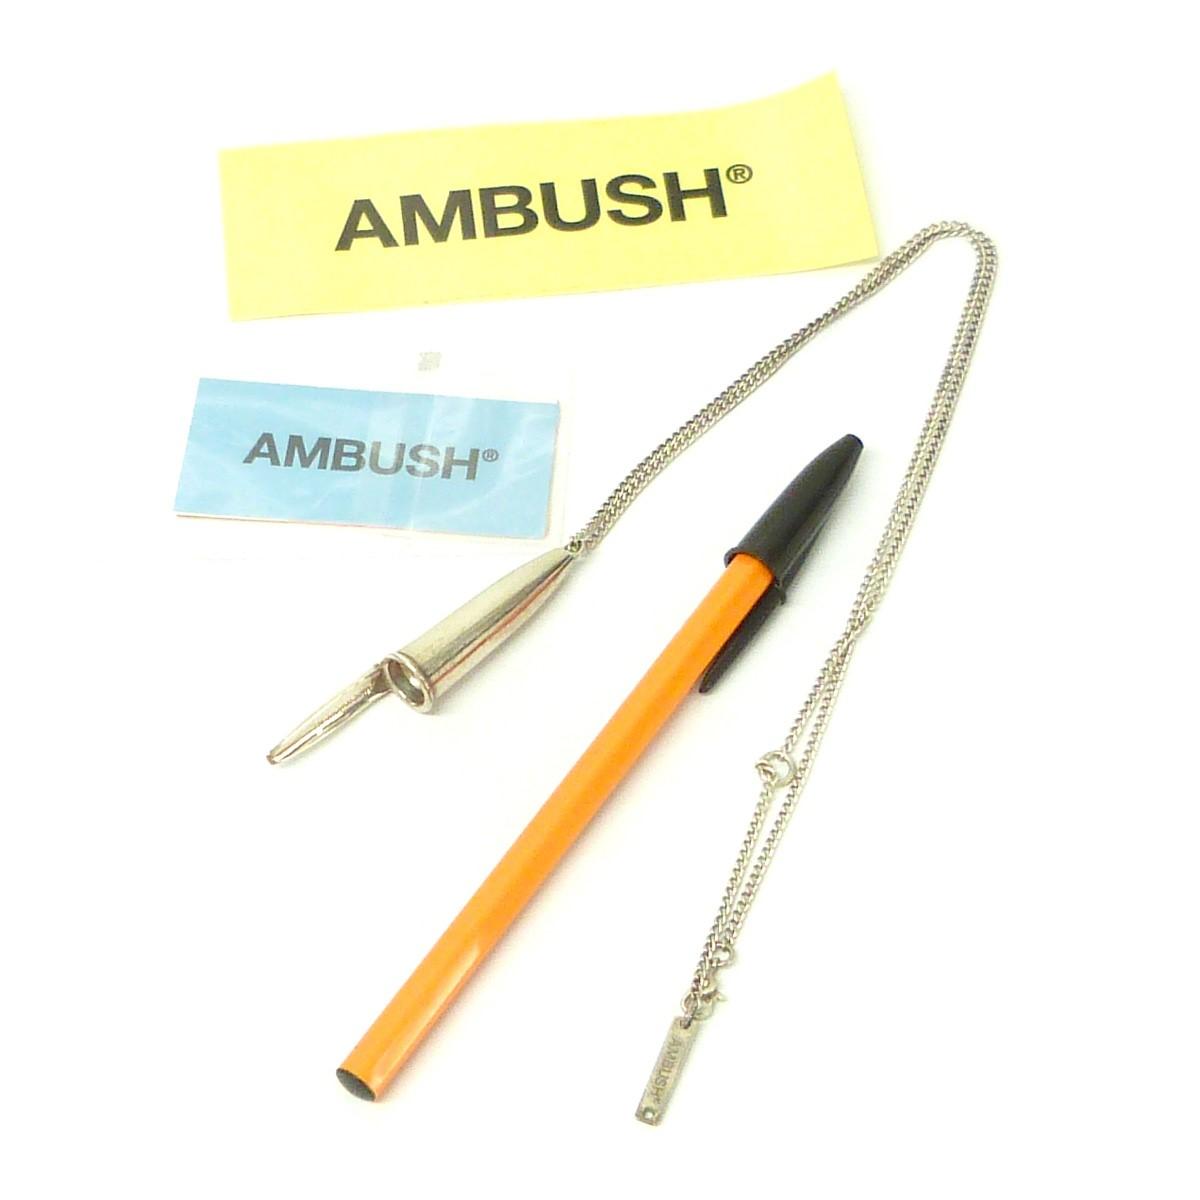 【中古】AMBUSH 「PEN CAP NECKLACE」ペンキャップネックレス シルバー サイズ:- 【291219】(アンブッシュ)